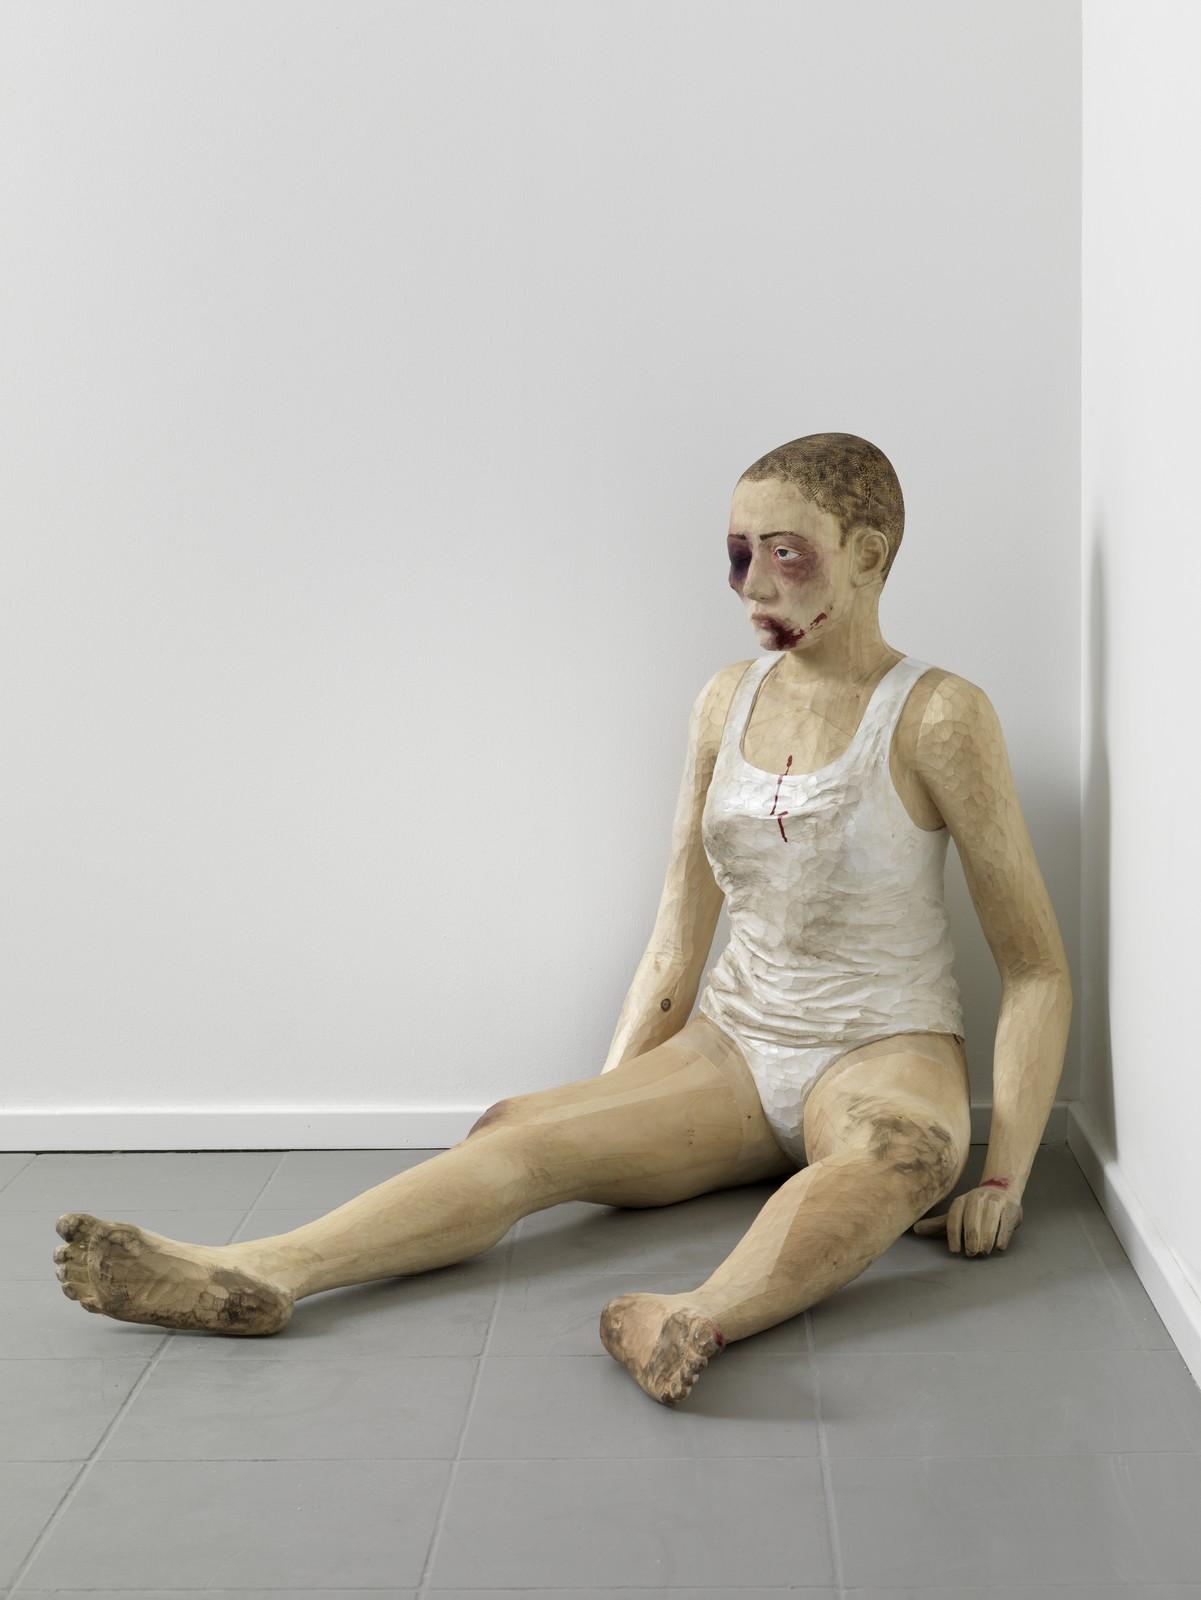 2012, wood, 73 x 87 x 101 cm